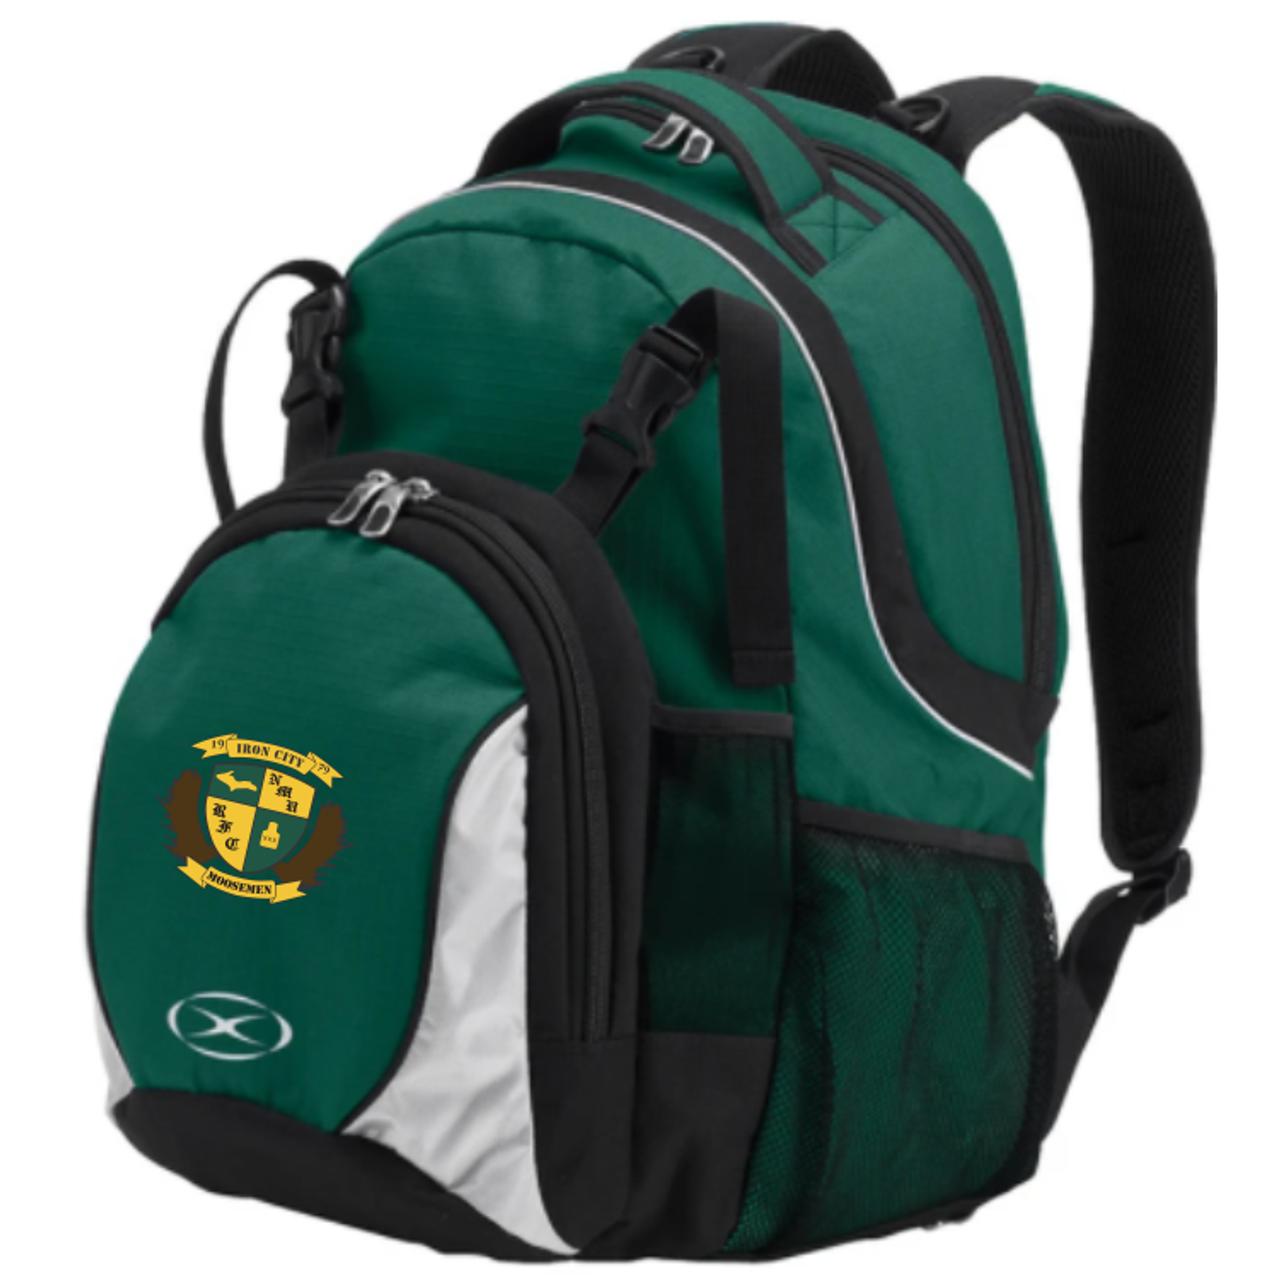 Moosemen Rugby Backpack